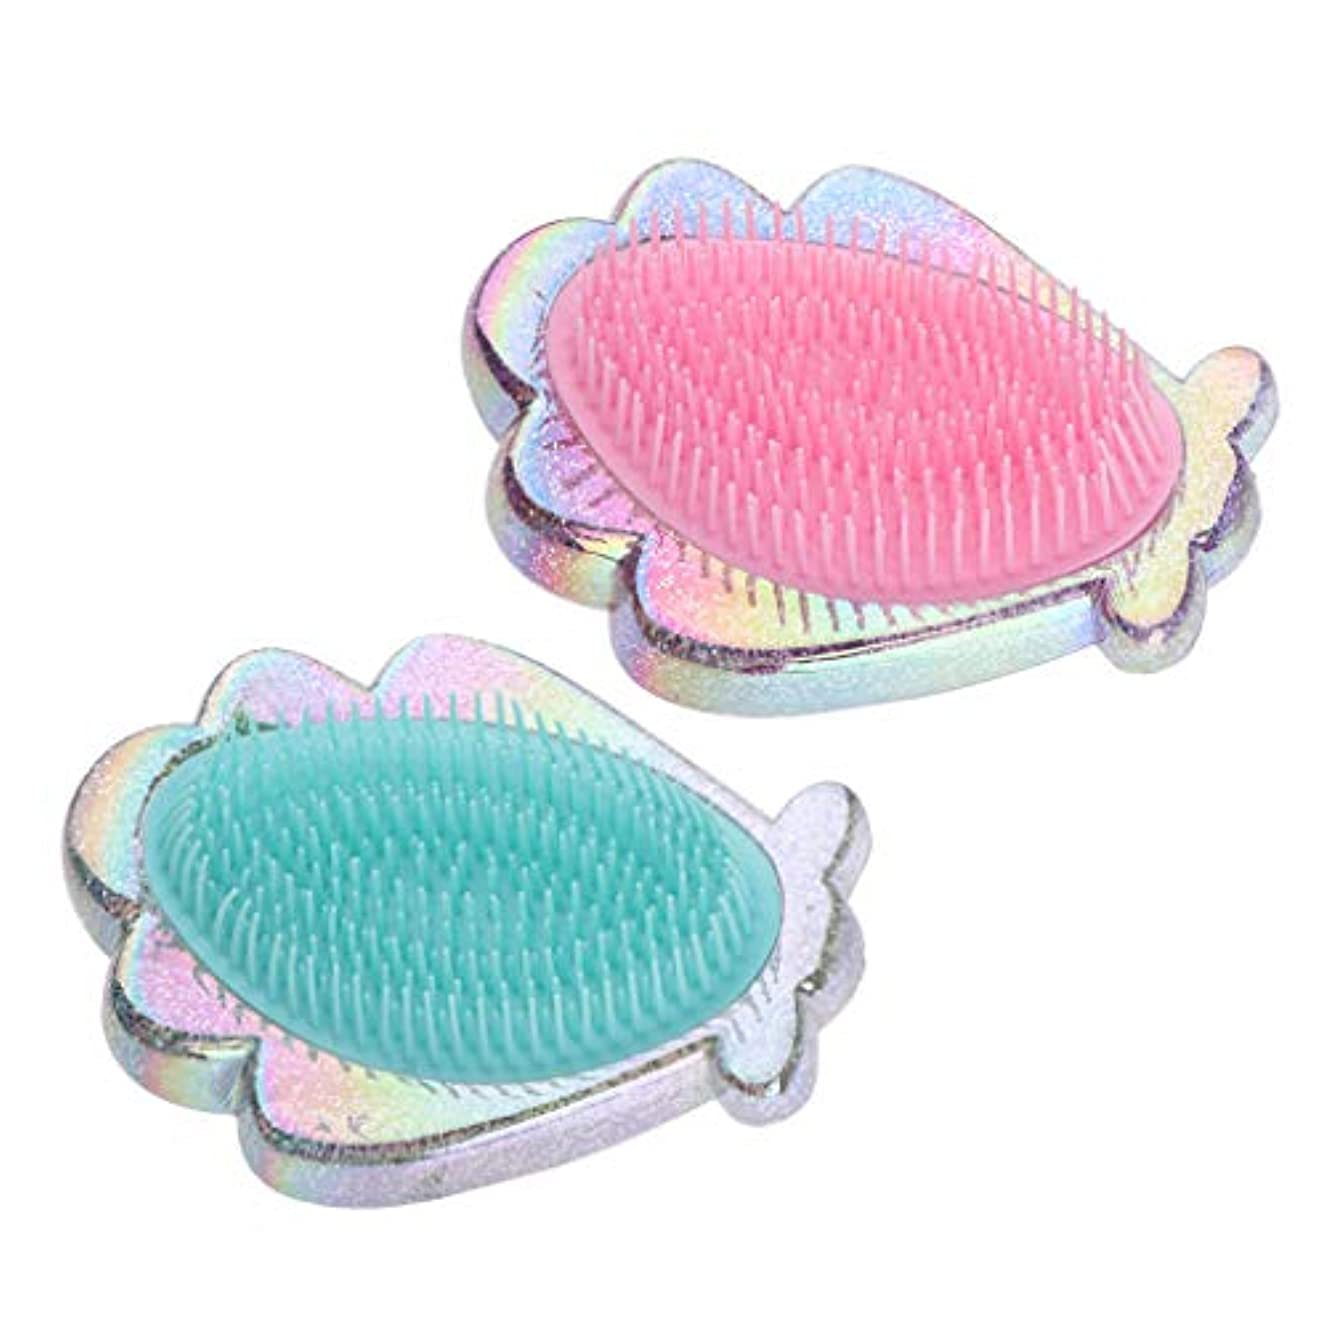 として堤防食器棚CUTICATE コーム ヘアコーム ヘアブラシ 静電気防止 プラスチック製 女性用 2個パック